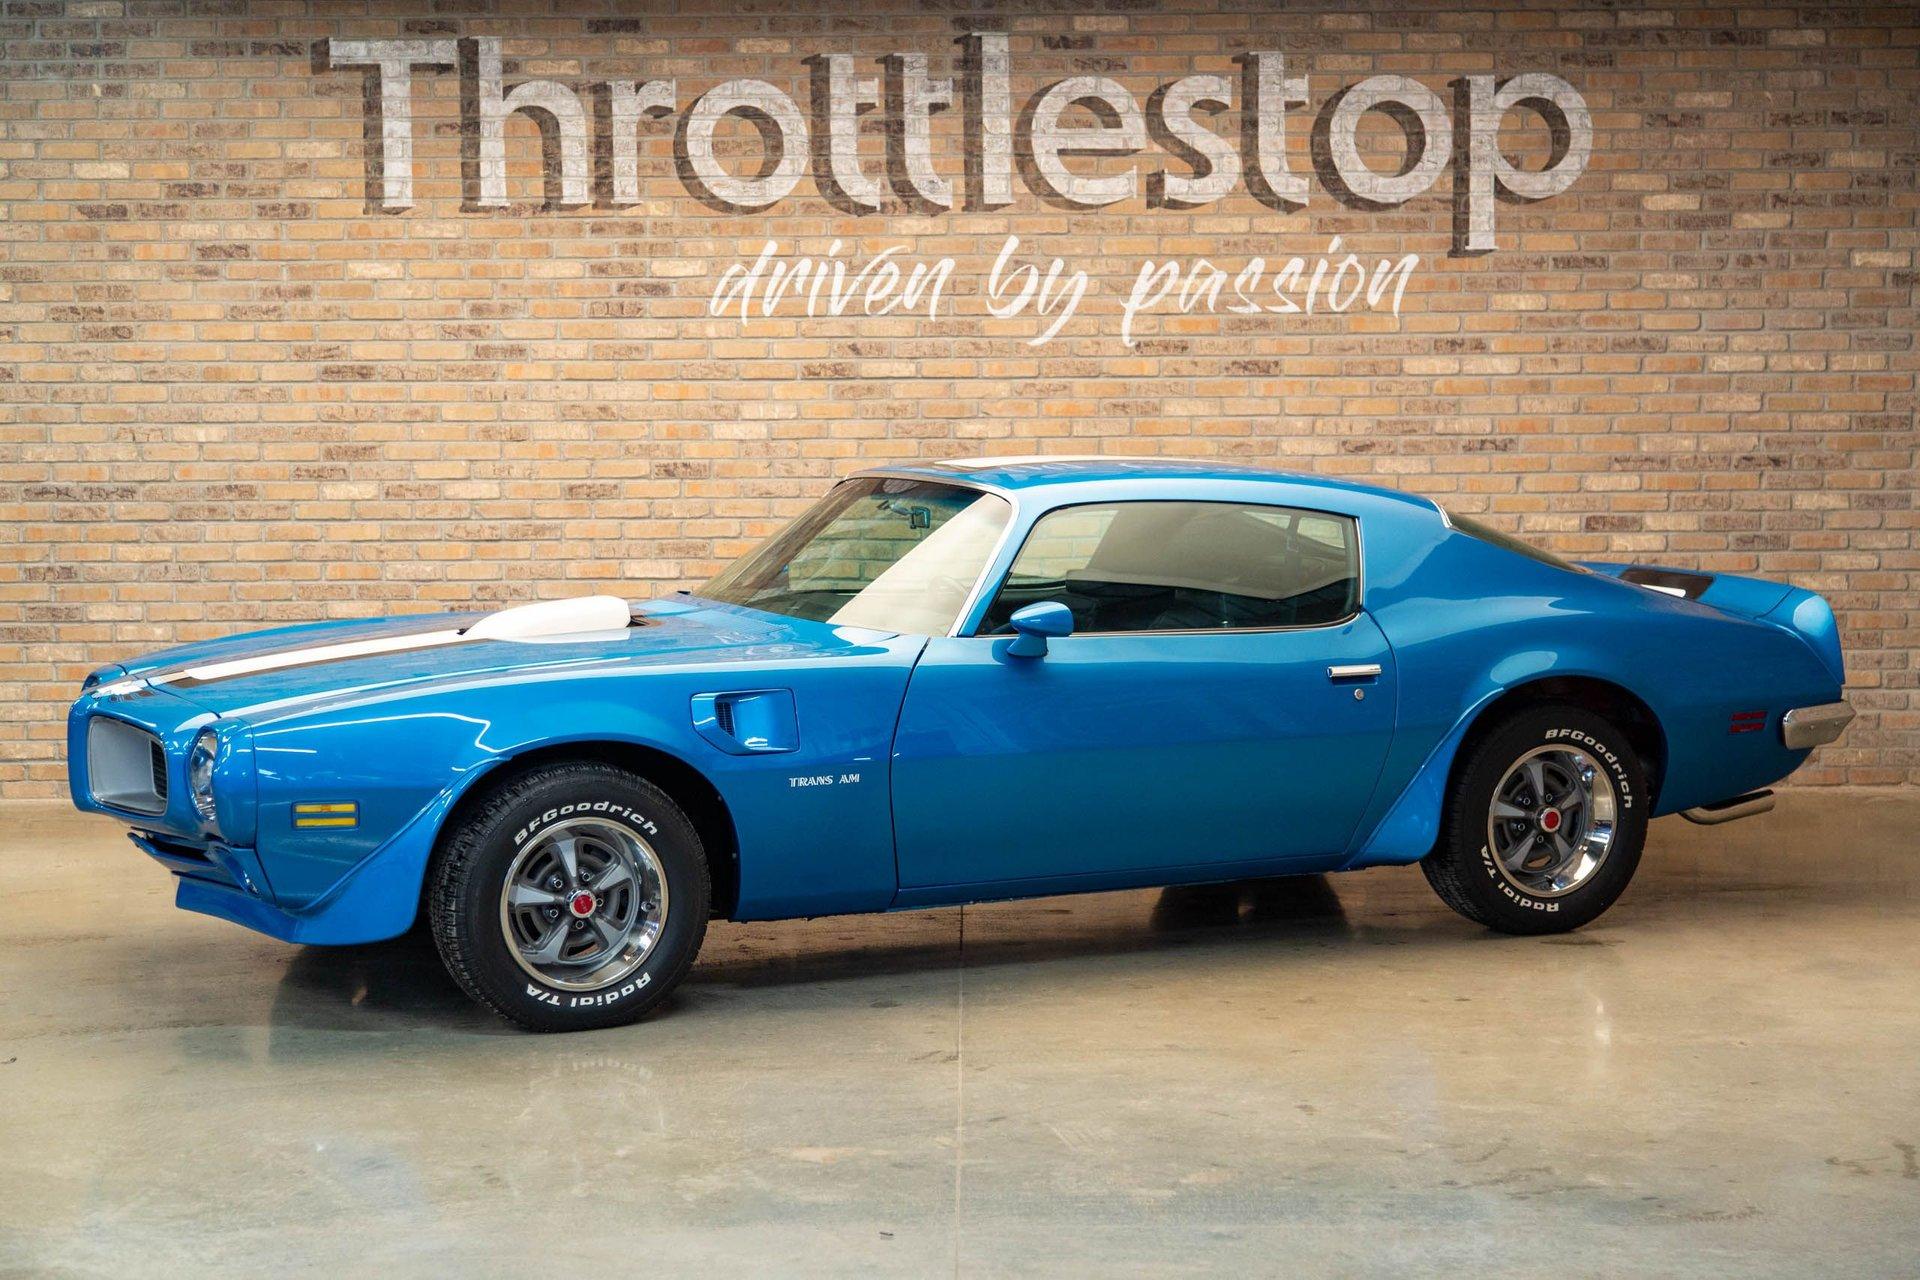 1970 pontiac trans am lucerne blue